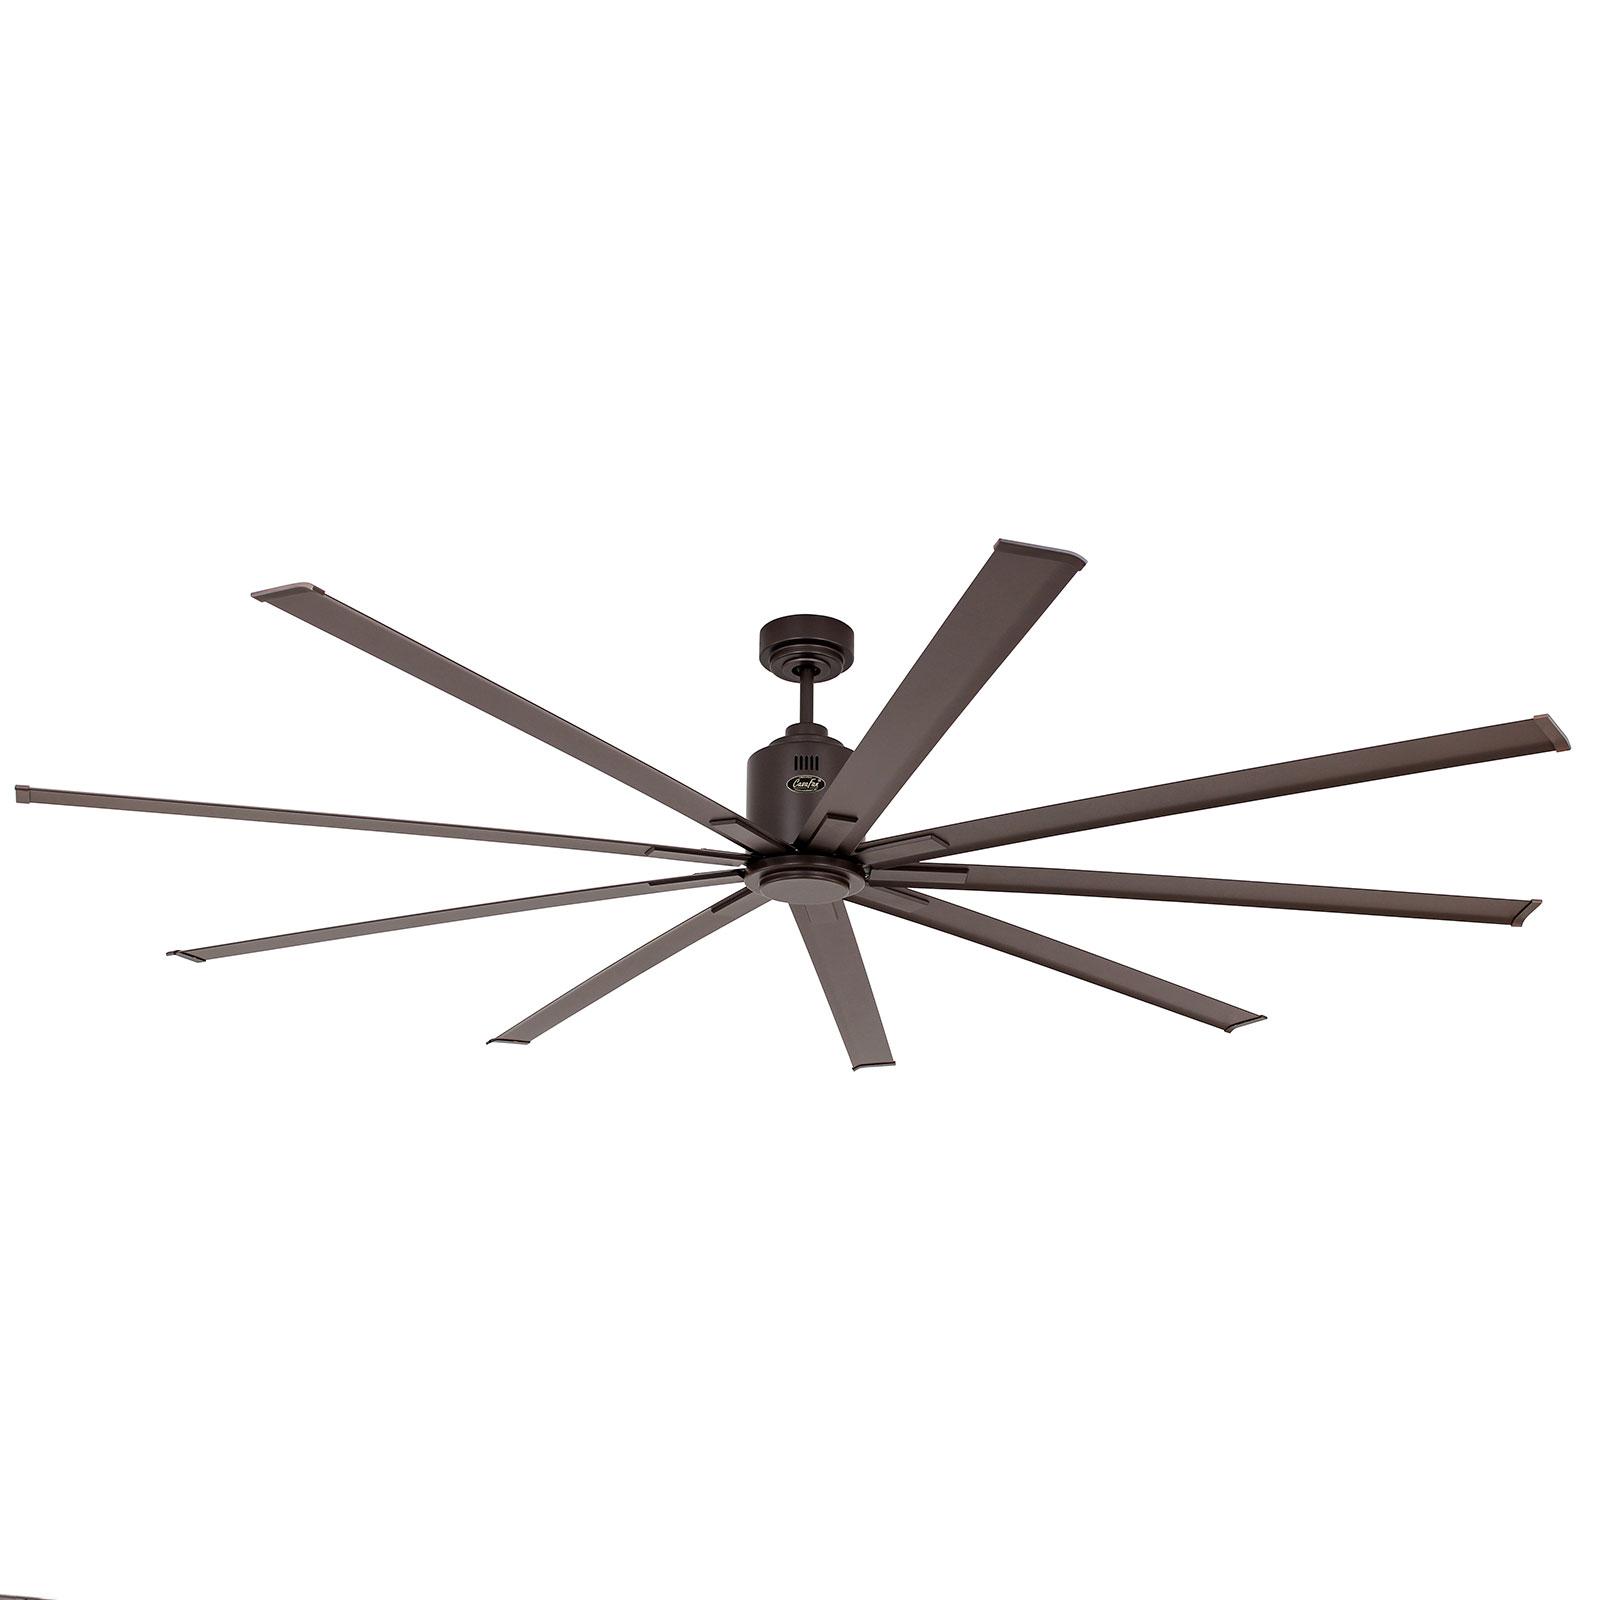 Ventilateur plafond Big Smooth Eco 220cm bronze